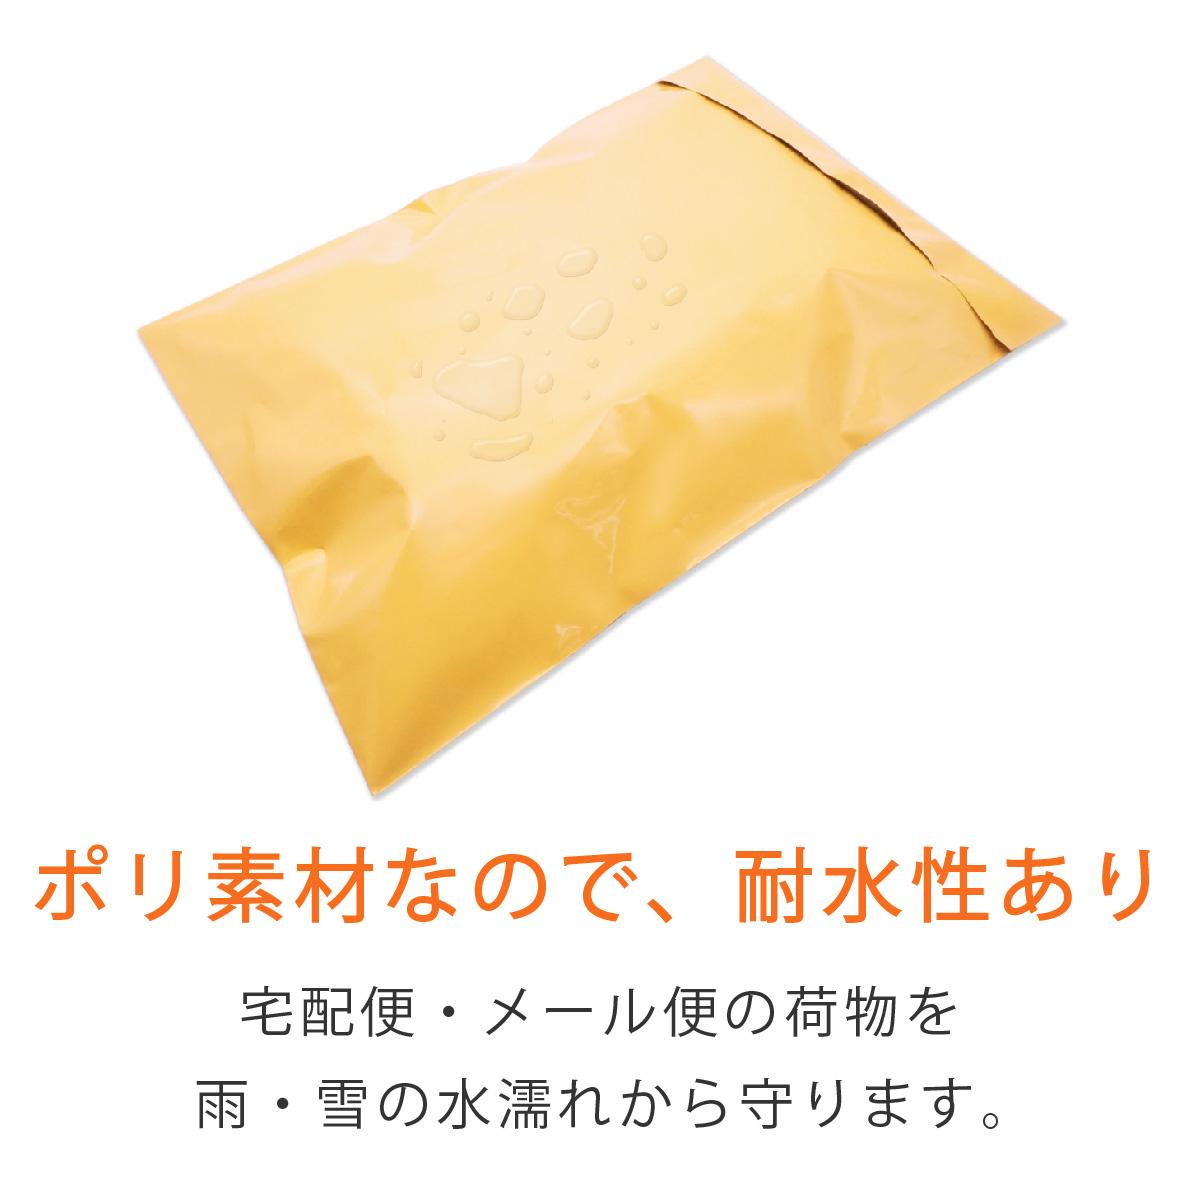 宅配ビニール袋 黄色 耐水